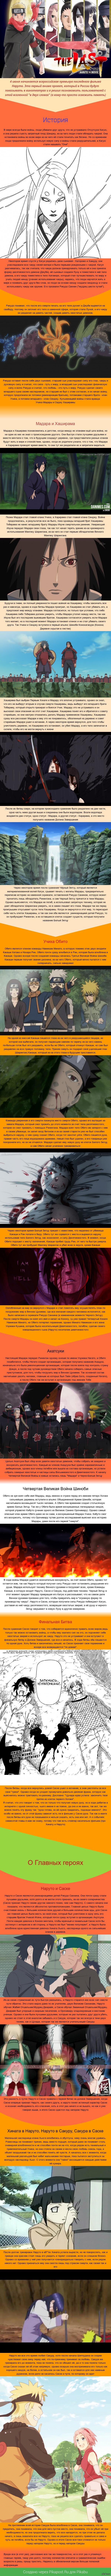 К выходу The Last: Naruto the Movie Если хотите, то могу написать отдельный длиннопост про конкретные события или персонажей. Внимание оченьдлиннопост 13981px.